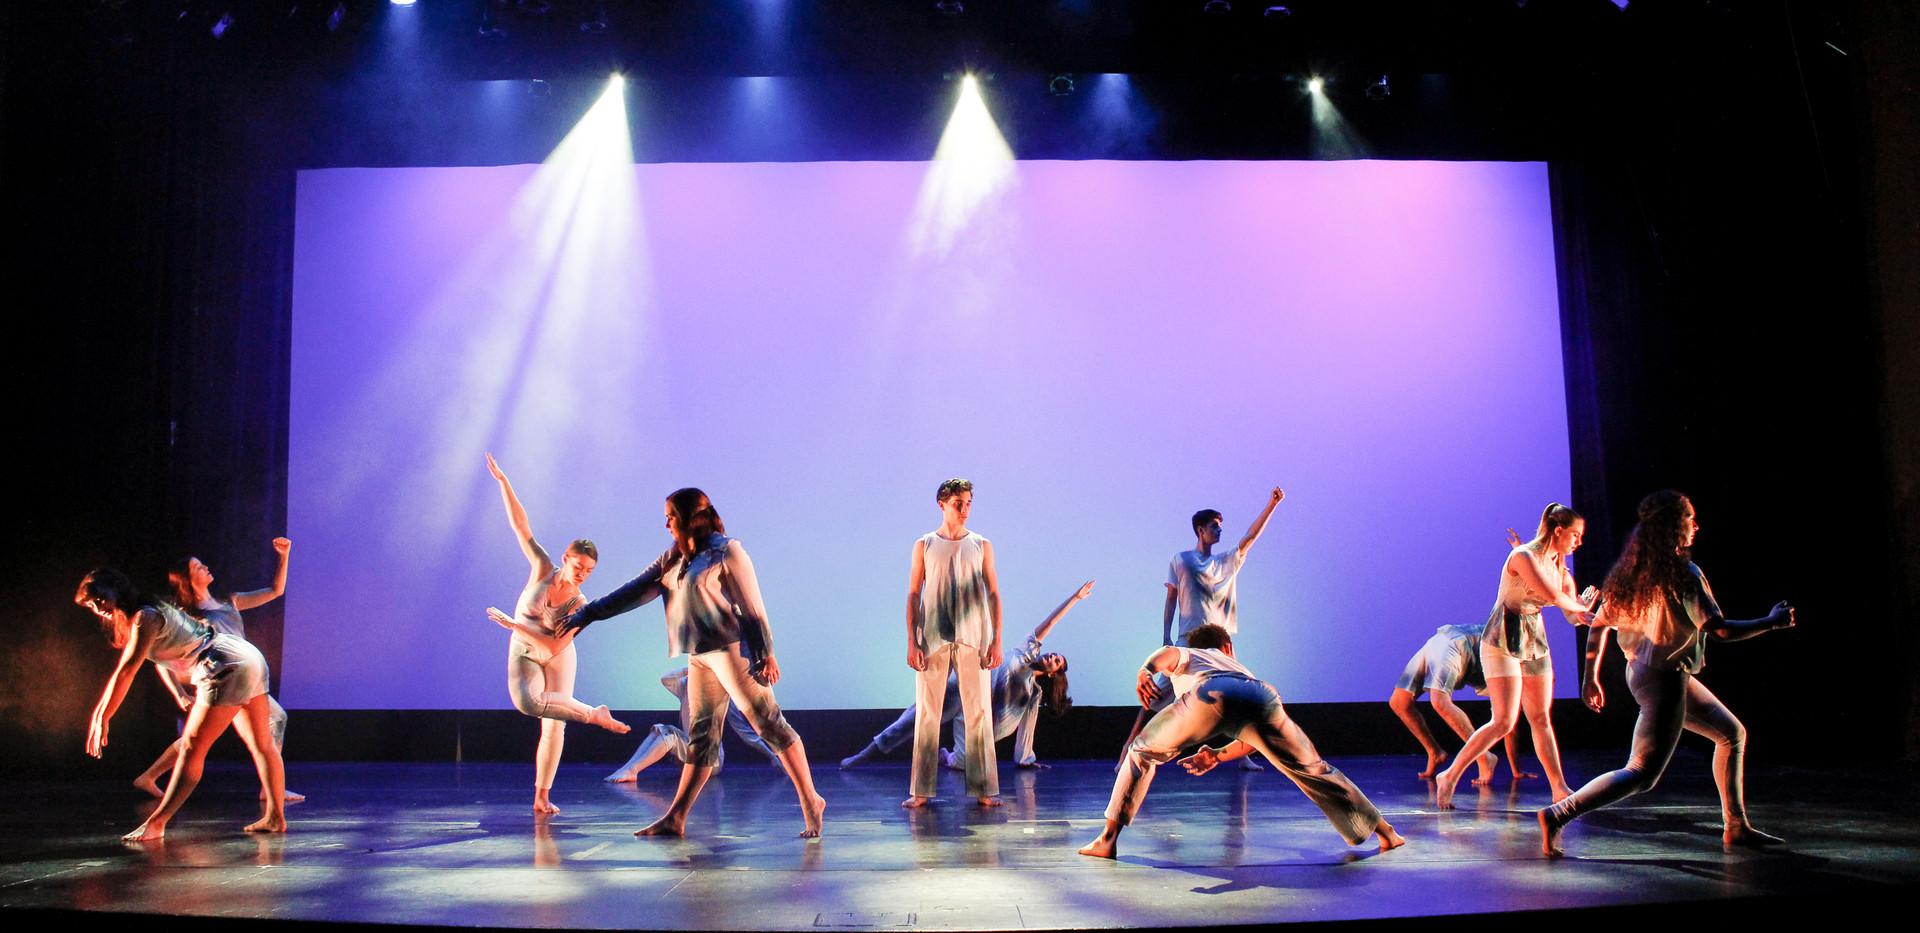 Solstice Dance Concert